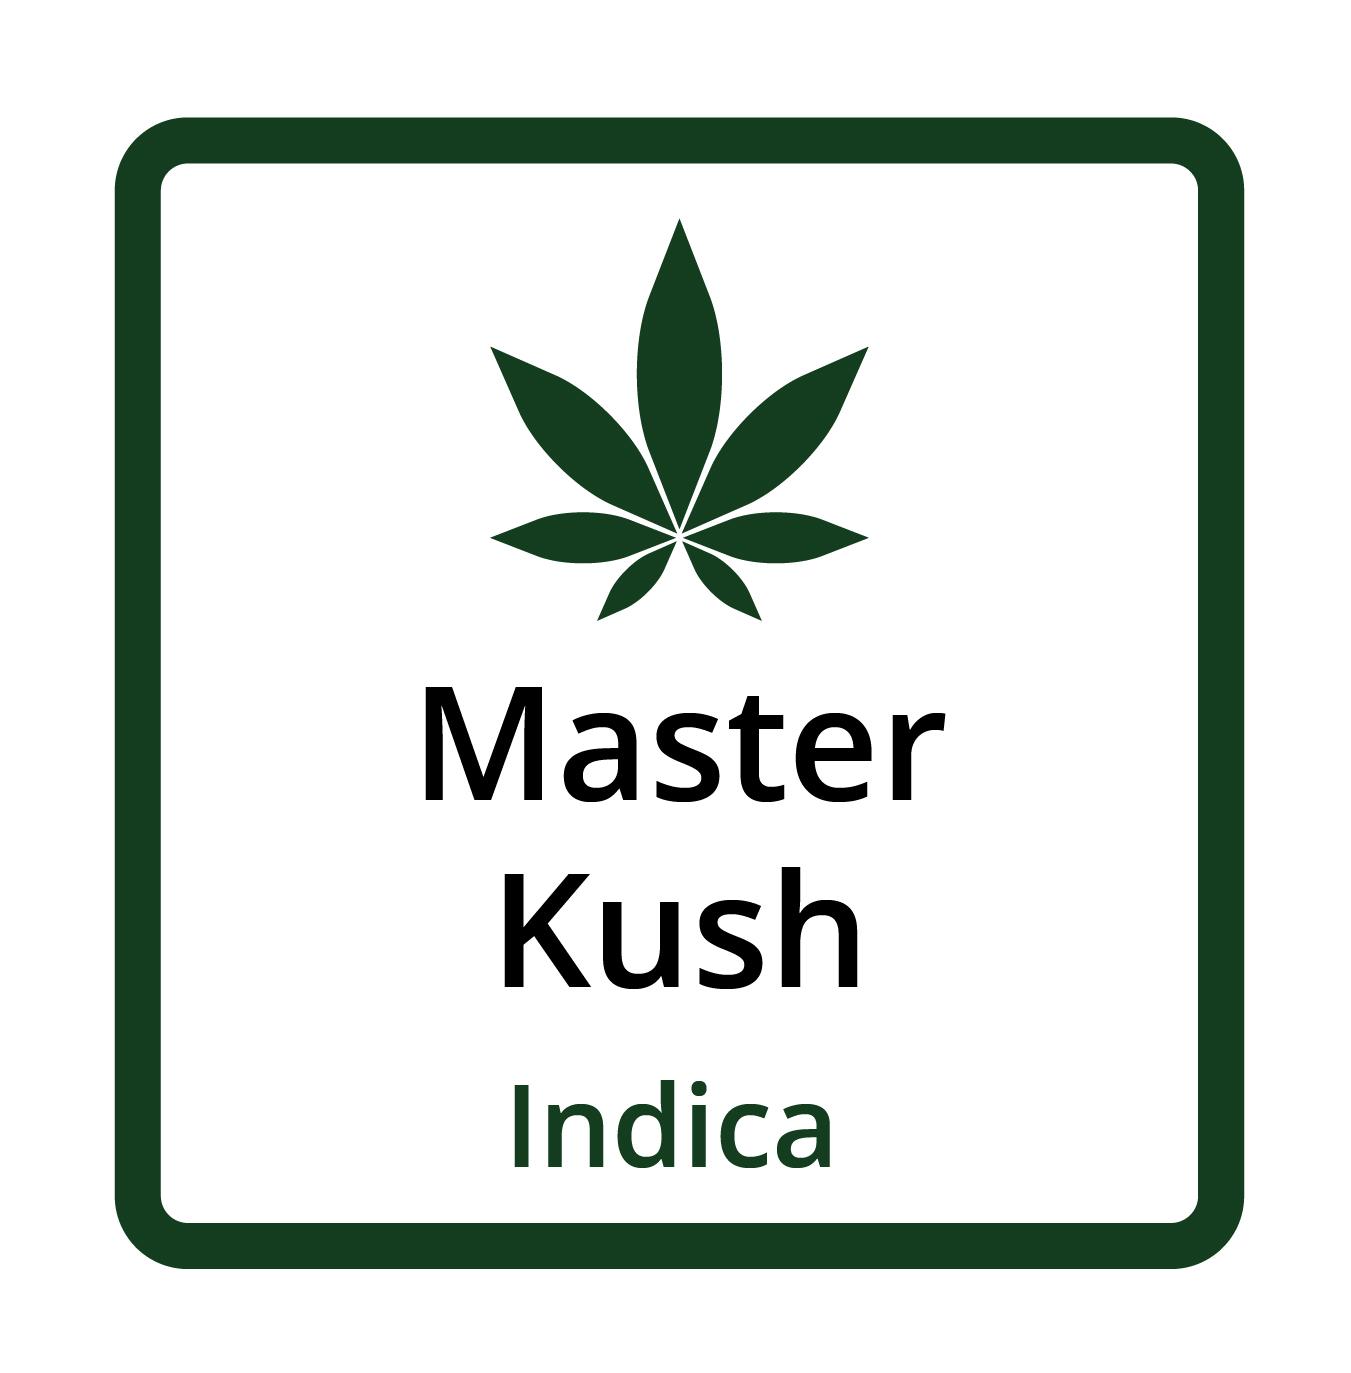 Master Kush (Indica)